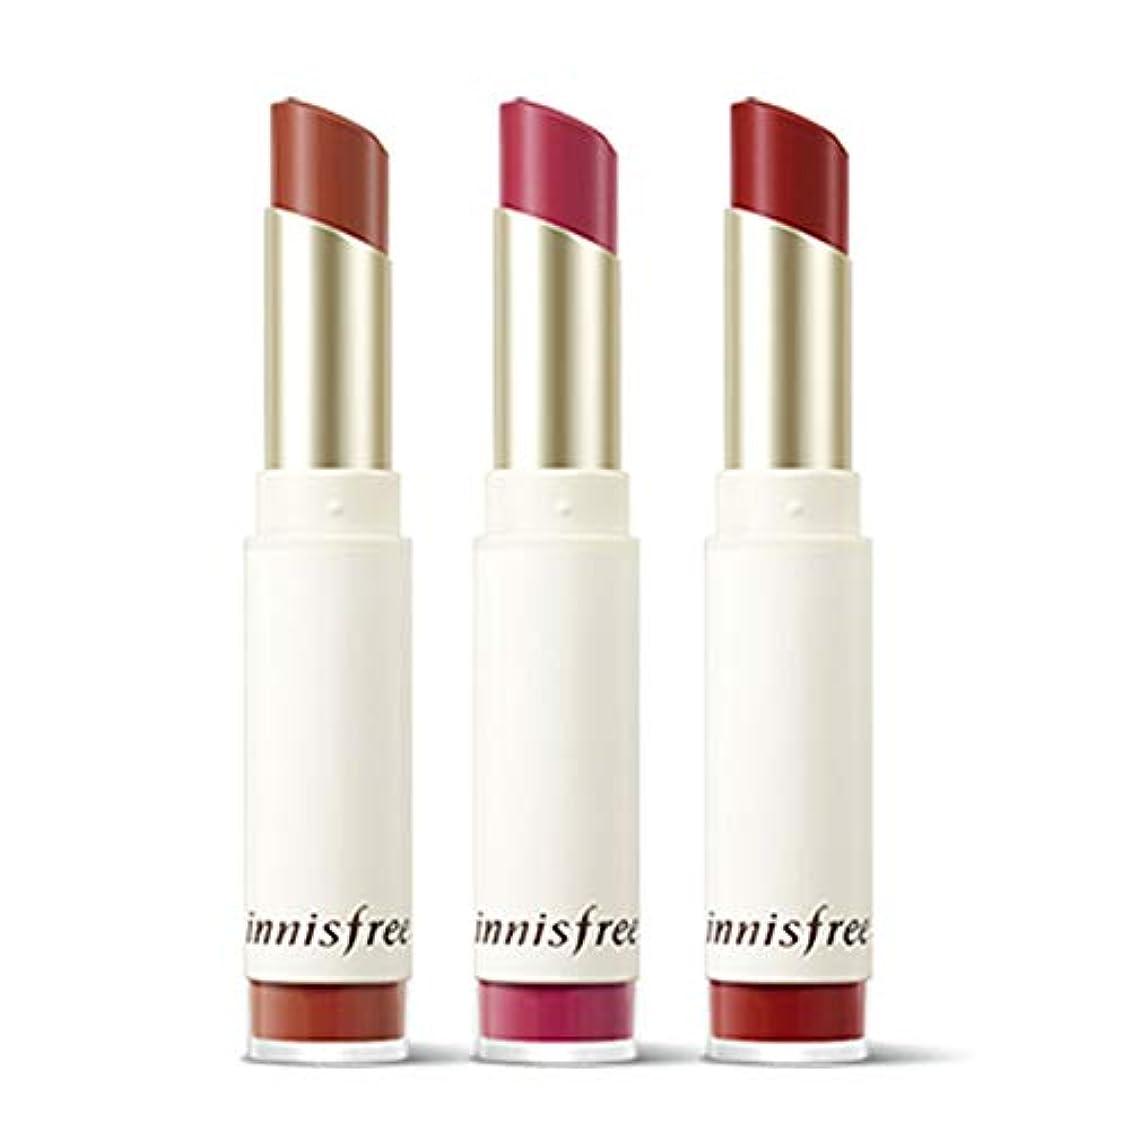 代理店持っているピストルイニスフリーリアルフィットベルベットリップスティック3.3g Innisfree Real Fit Velvet Lipstick 3.3g [海外直送品][並行輸入品] (#08. Cherry Pink)